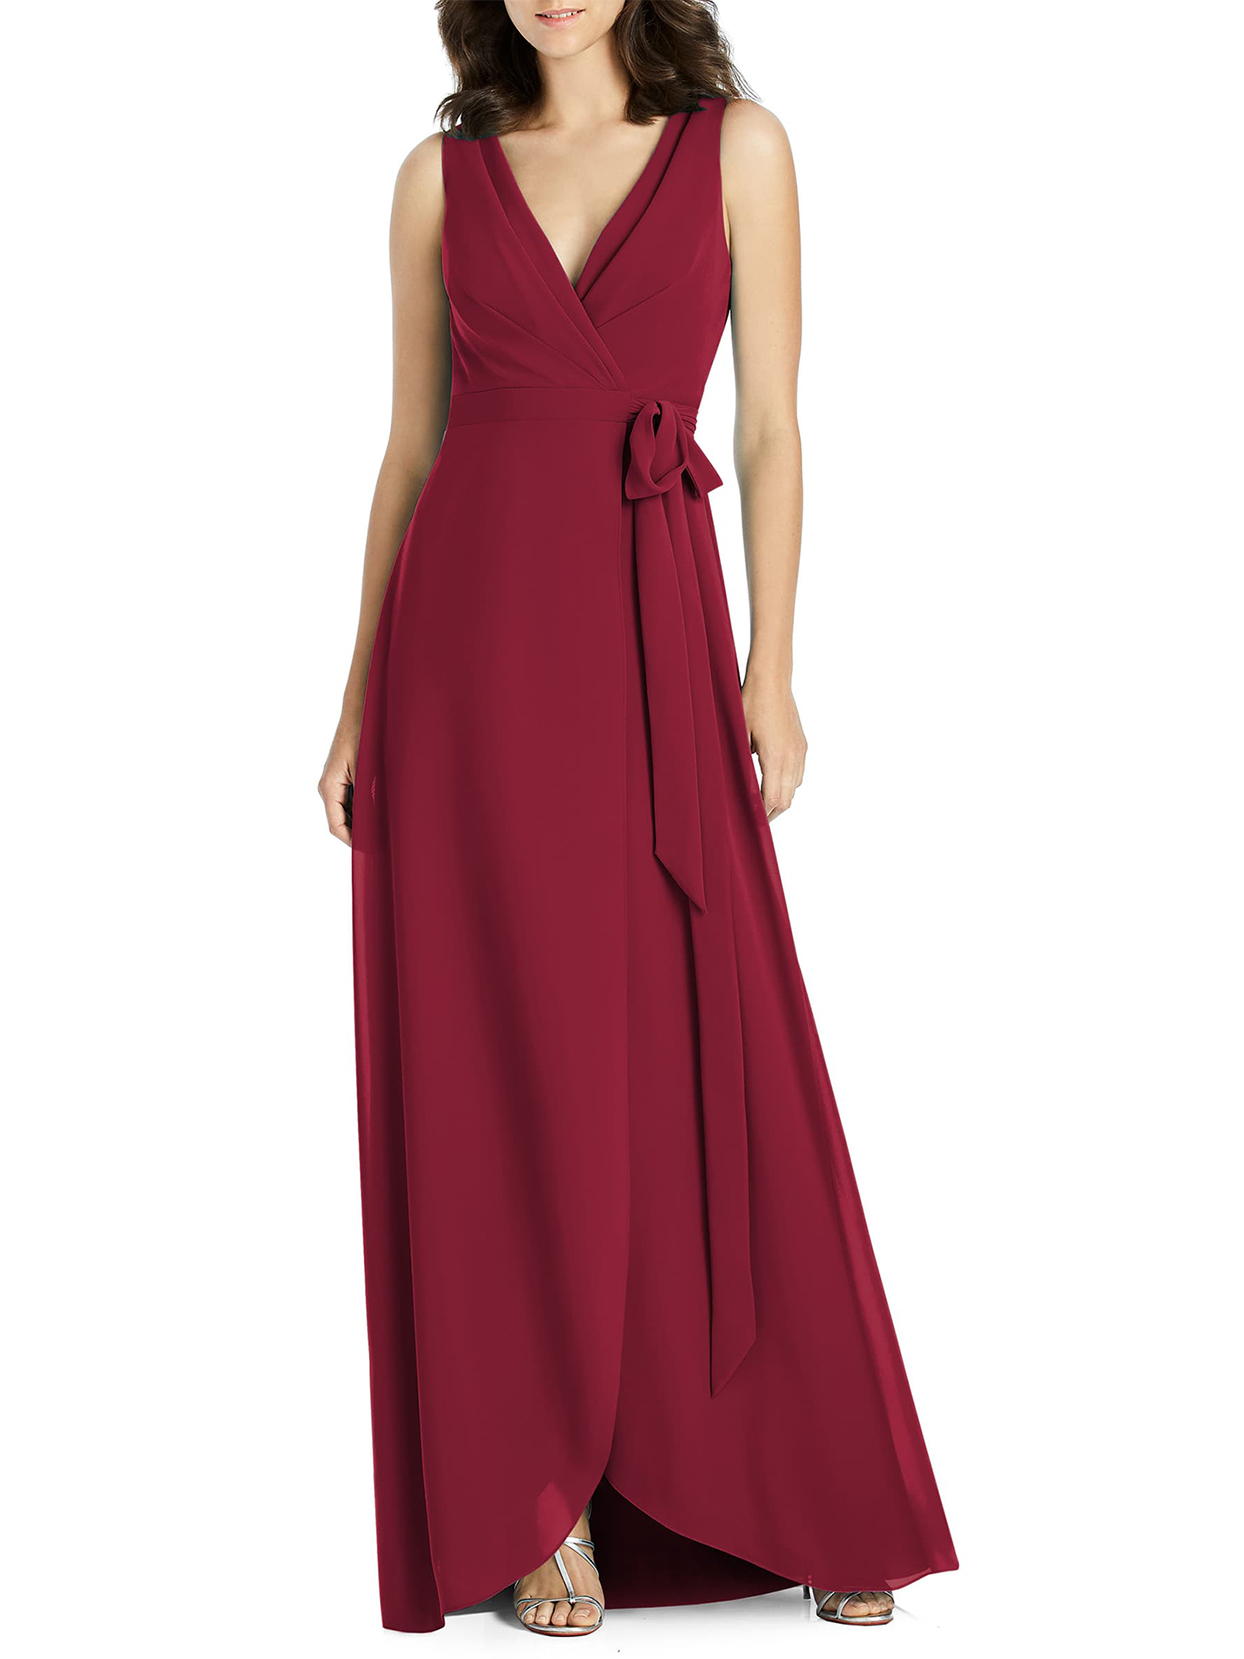 Jenny Packham Chiffon Wrap Evening Dress